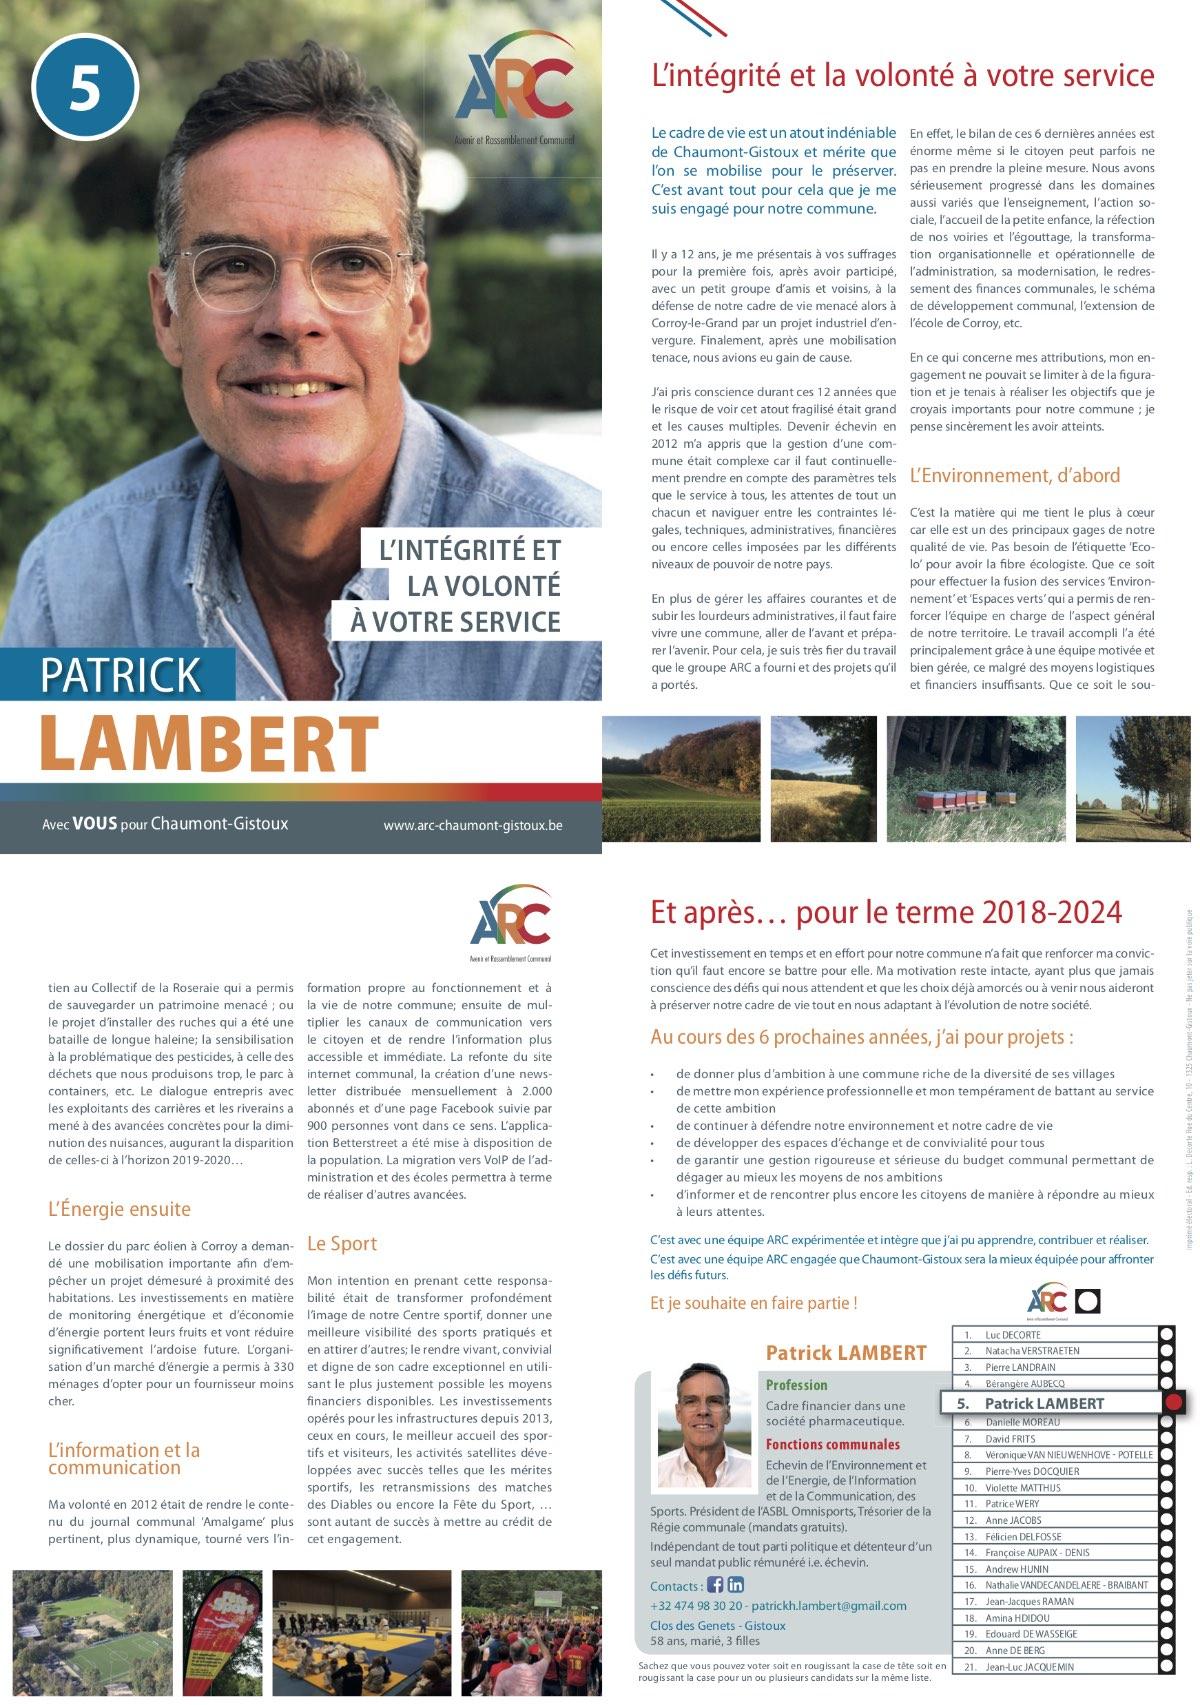 Téléchargez le tract personnel de Patrick LAMBERT en .pdf (2MO)